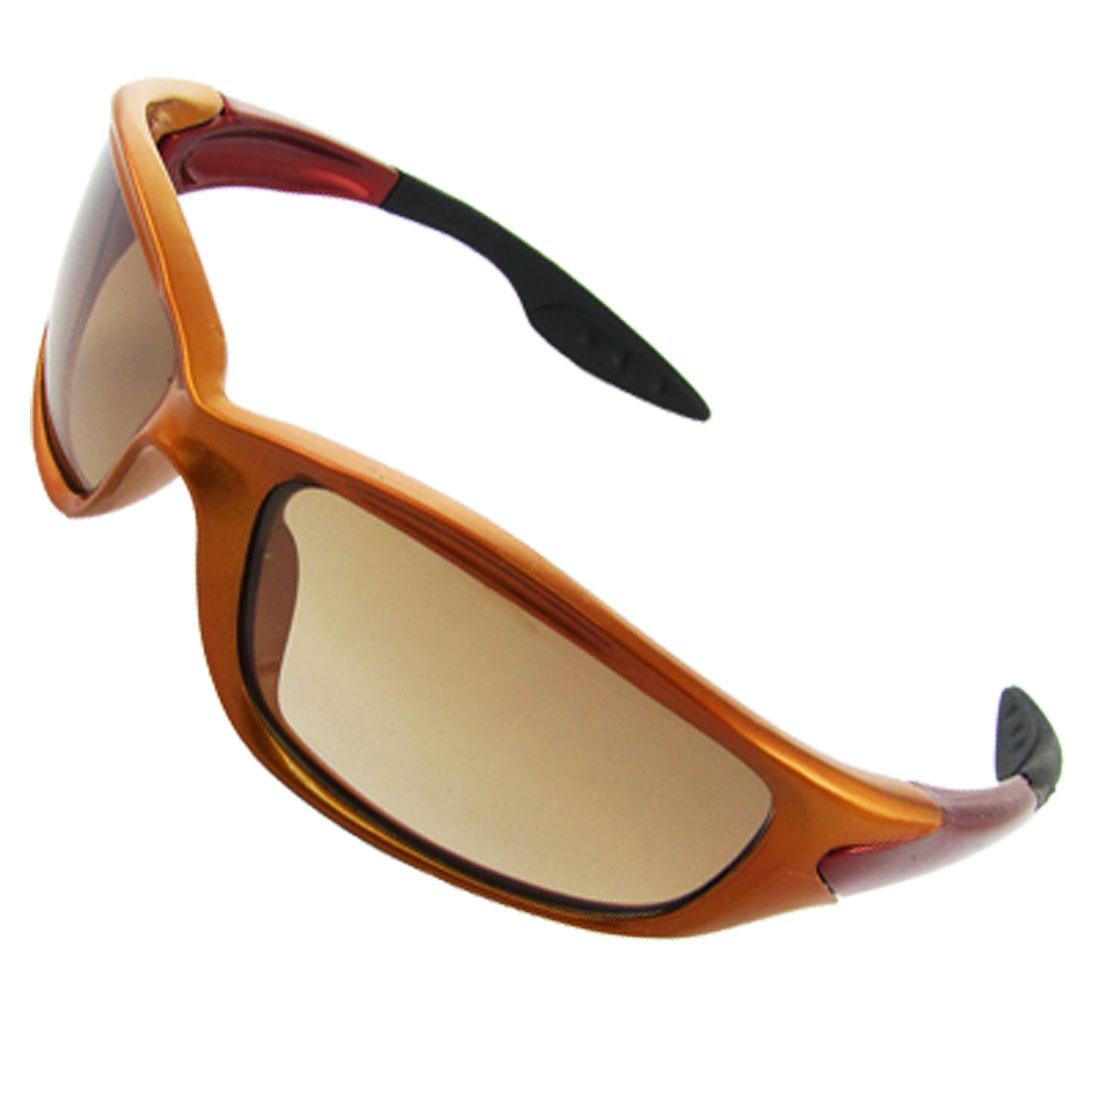 Orange Plastic Frame Full Rim Fashion Sunglasses Eyewear for Children